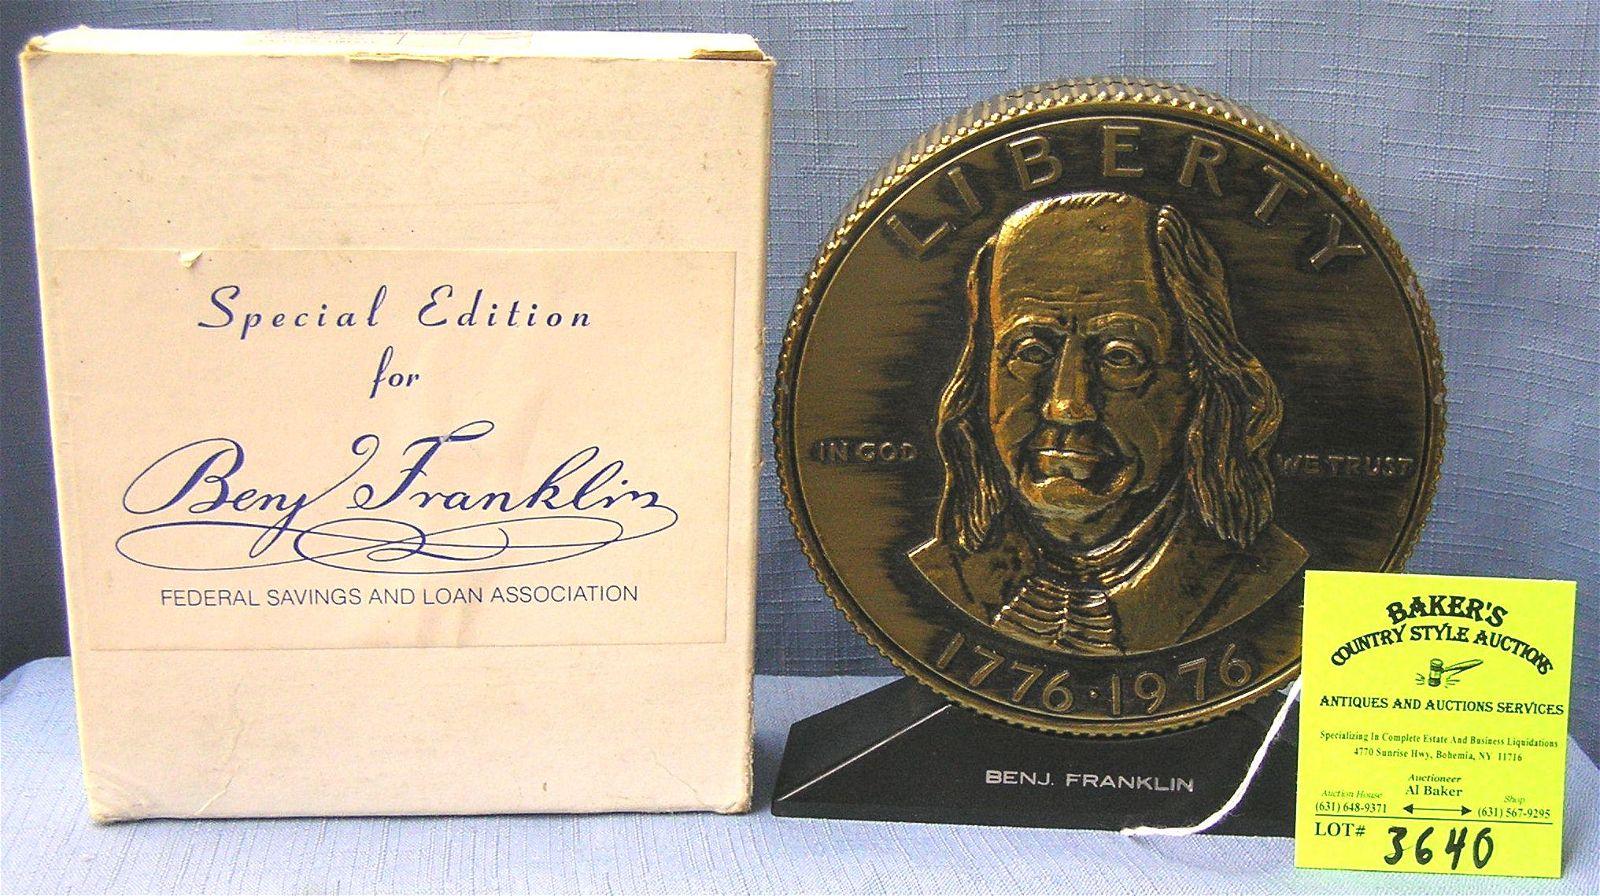 Vintage cast metal Benjamin Franklin bank